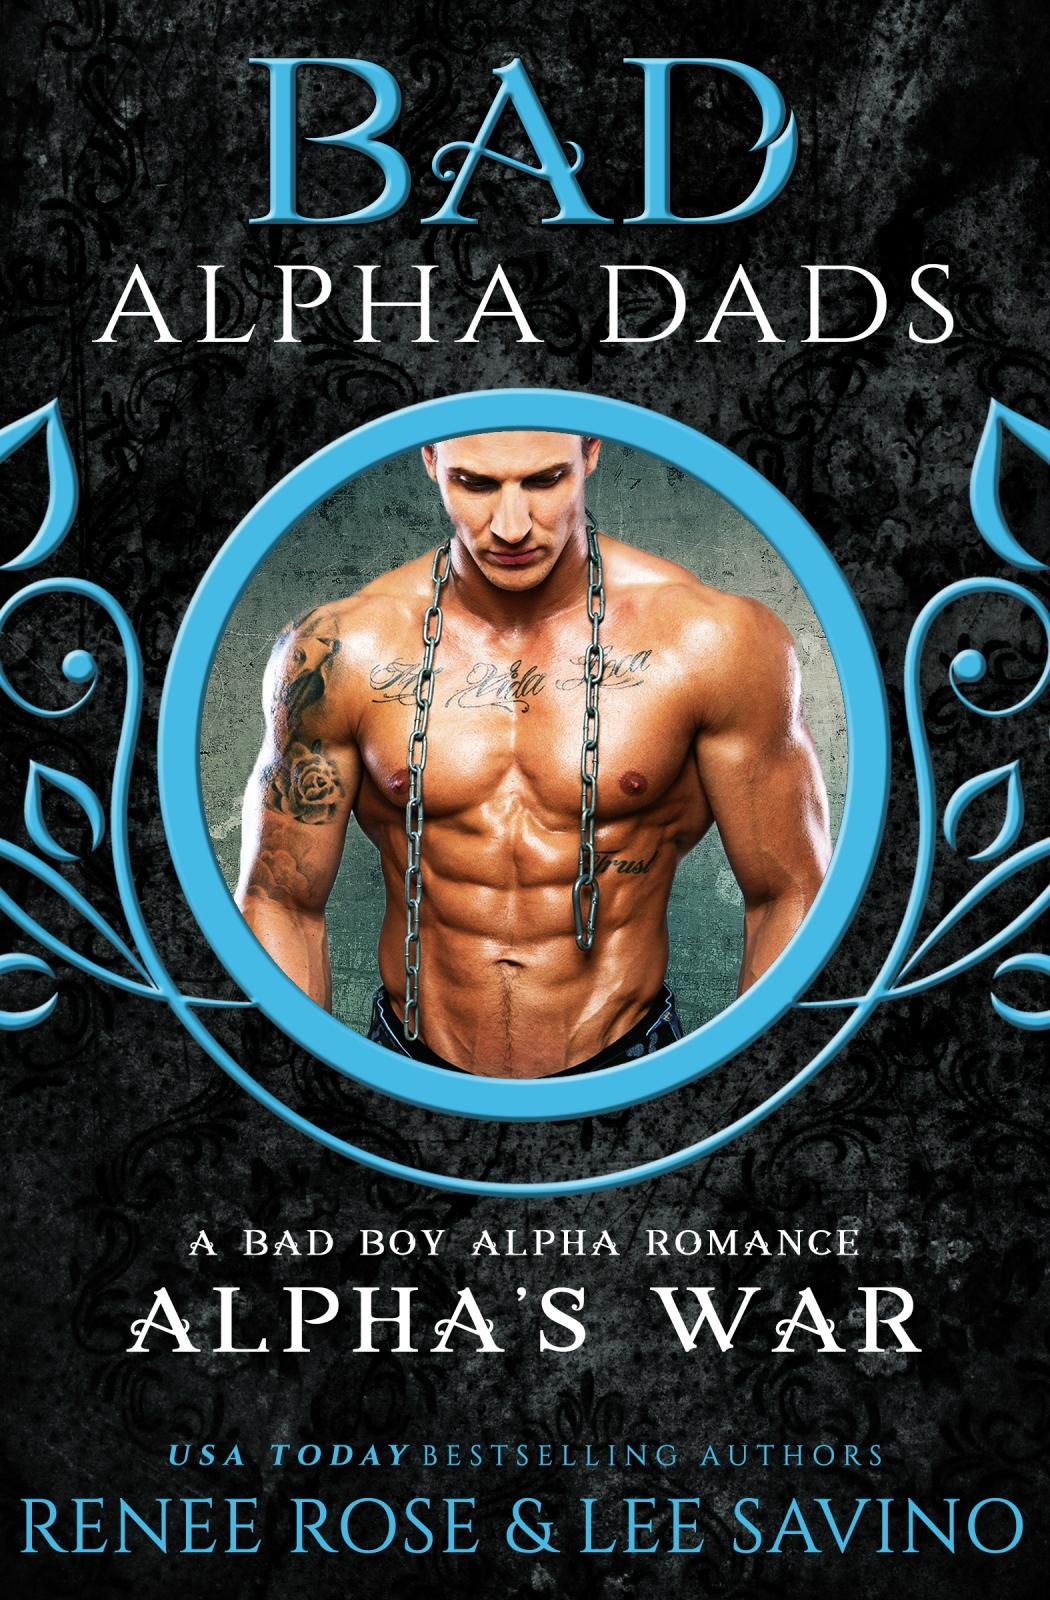 AlphasWar_COVER.jpg